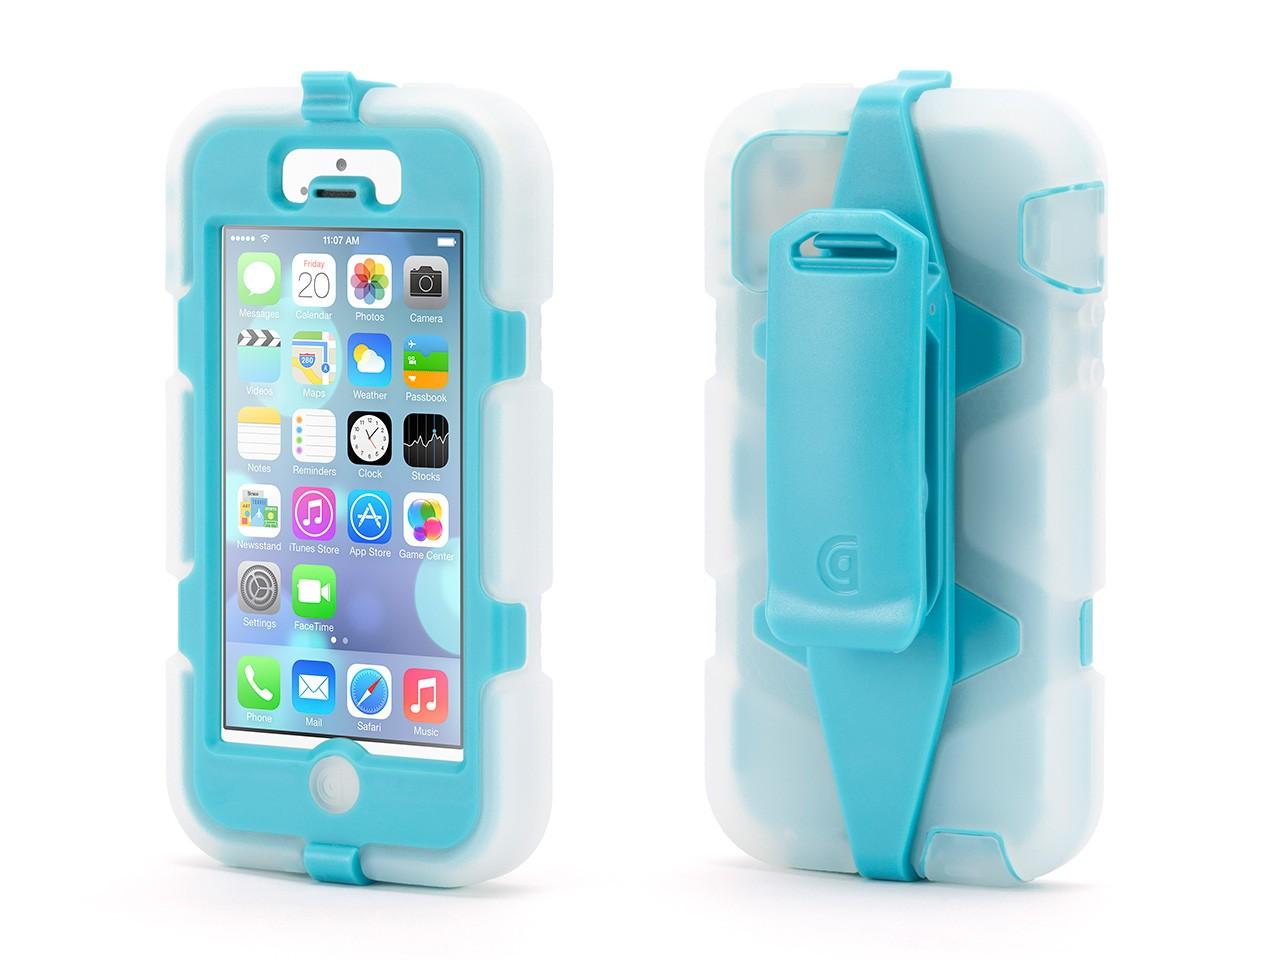 best authentic df73c 237e3 Griffin Griffin iPhone 5/5s/SE Rugged Case, Survivor All-Terrain Case +  Belt Clip, Impact Resistant Military-Duty Case